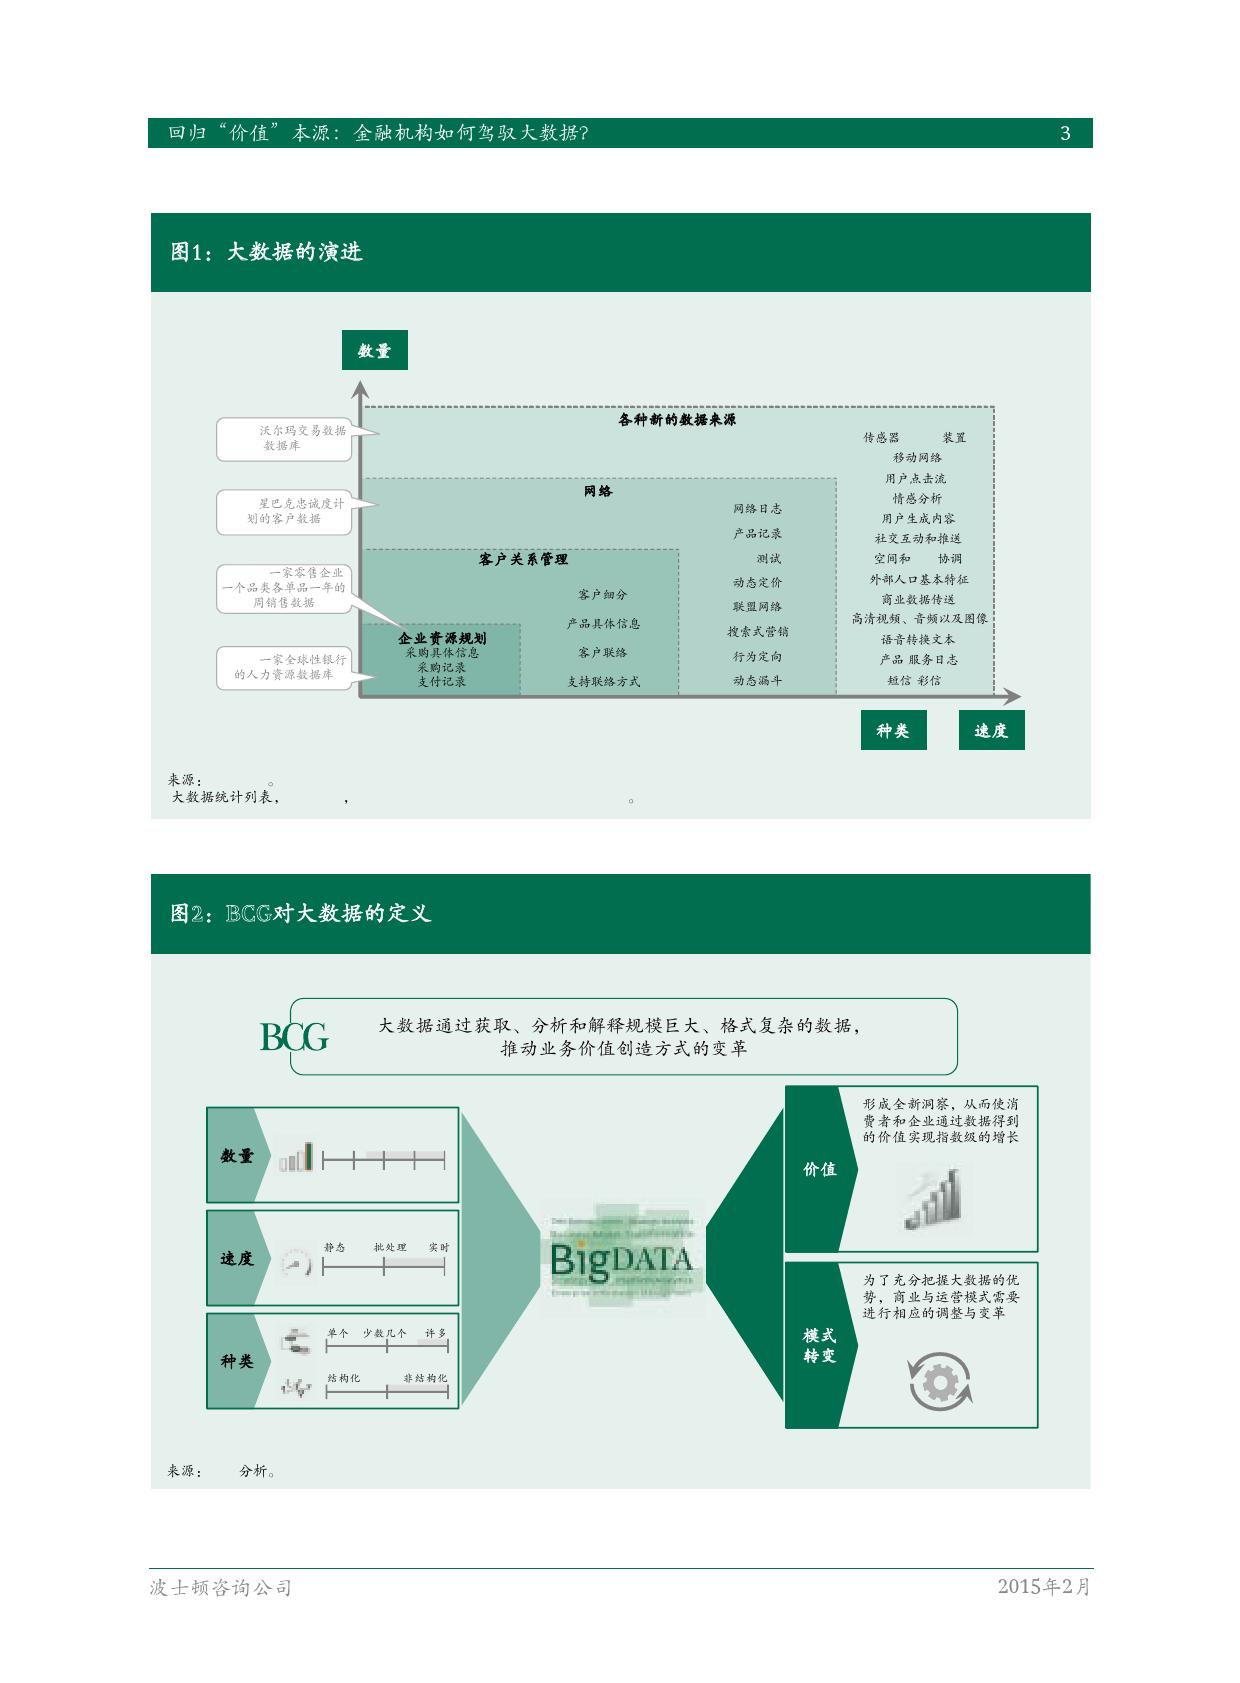 金融机构如何驾驭大数据_000005